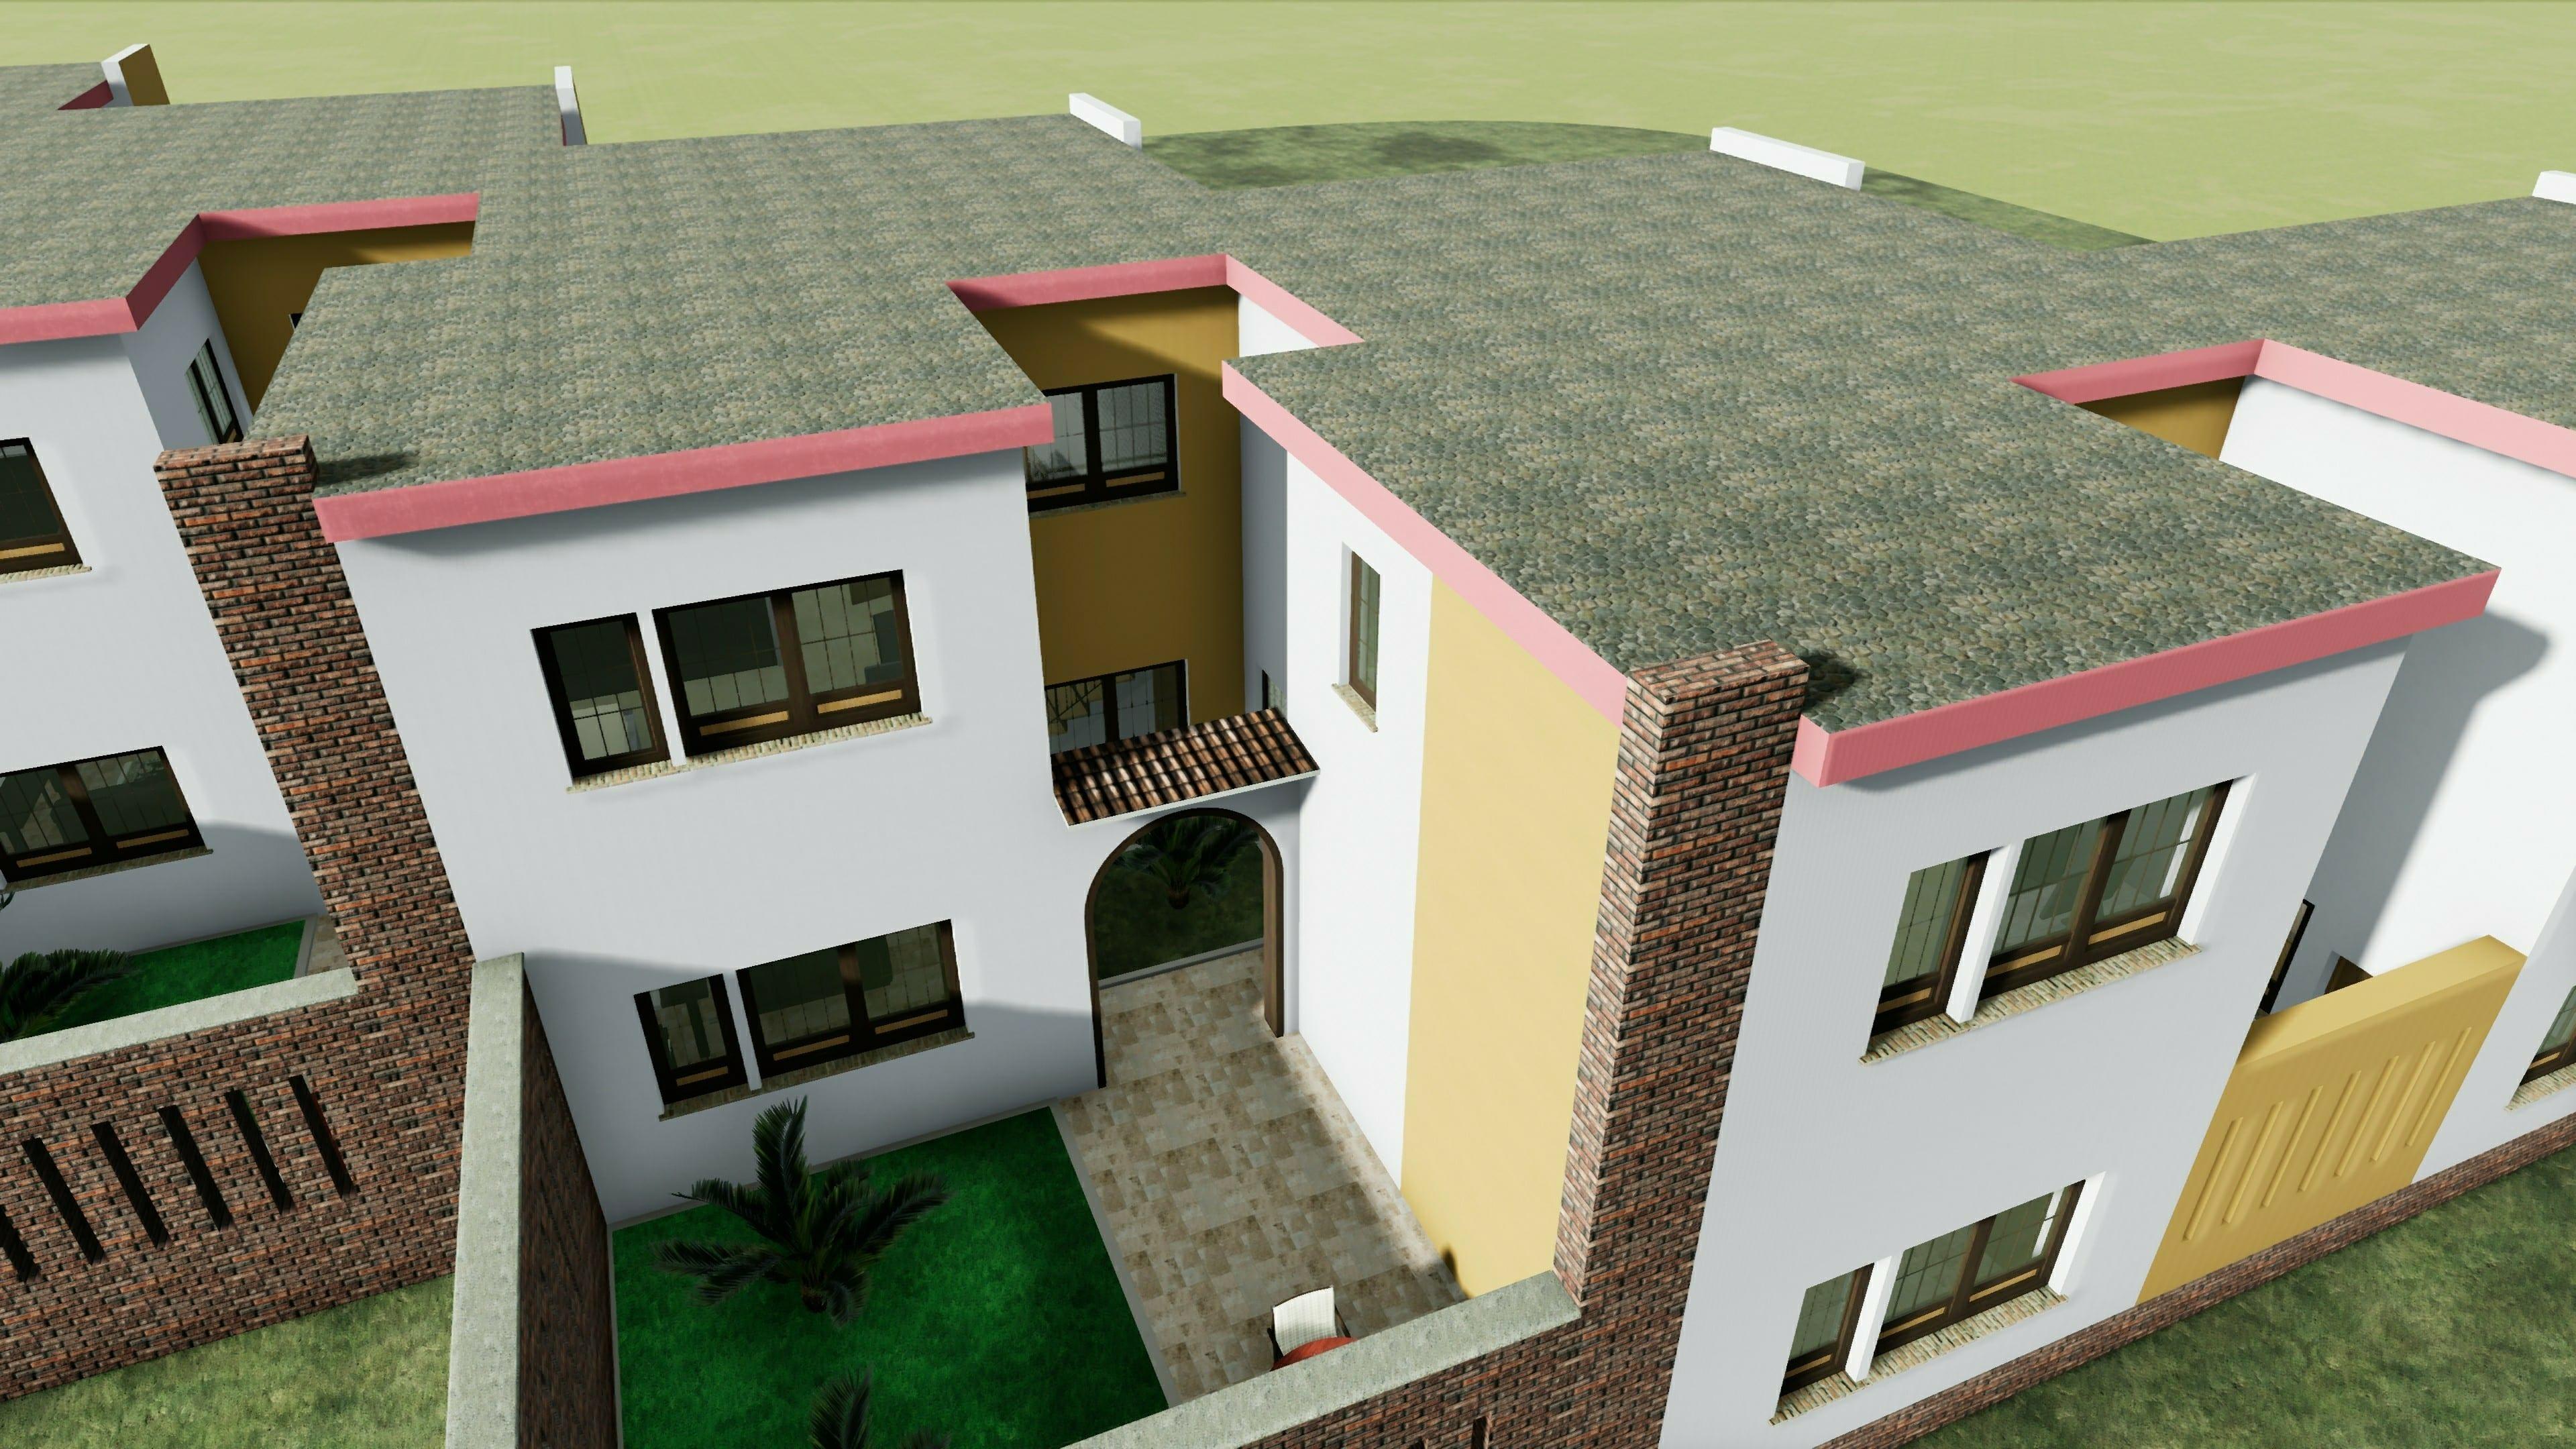 Modelli di villette singole perfect progetti di case moderne villa singola in costruzione in - Progetti giardino per villette ...